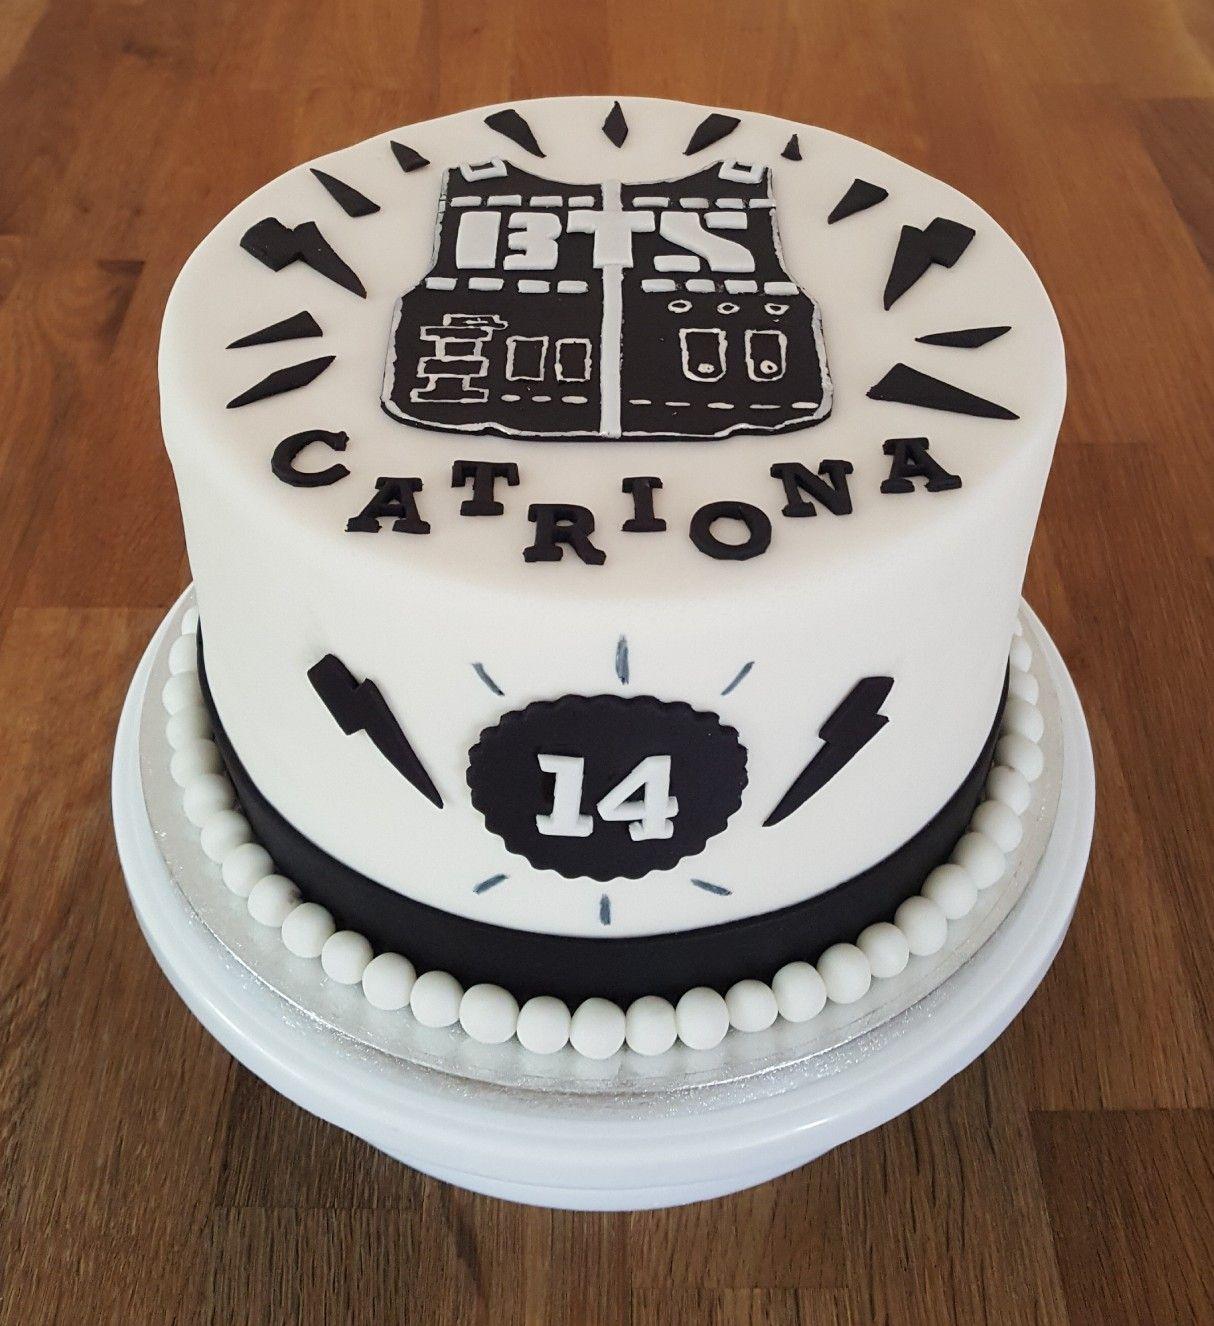 Kpop Bts Themed Birthday Cake Bts Cake New Cake Bts Birthdays